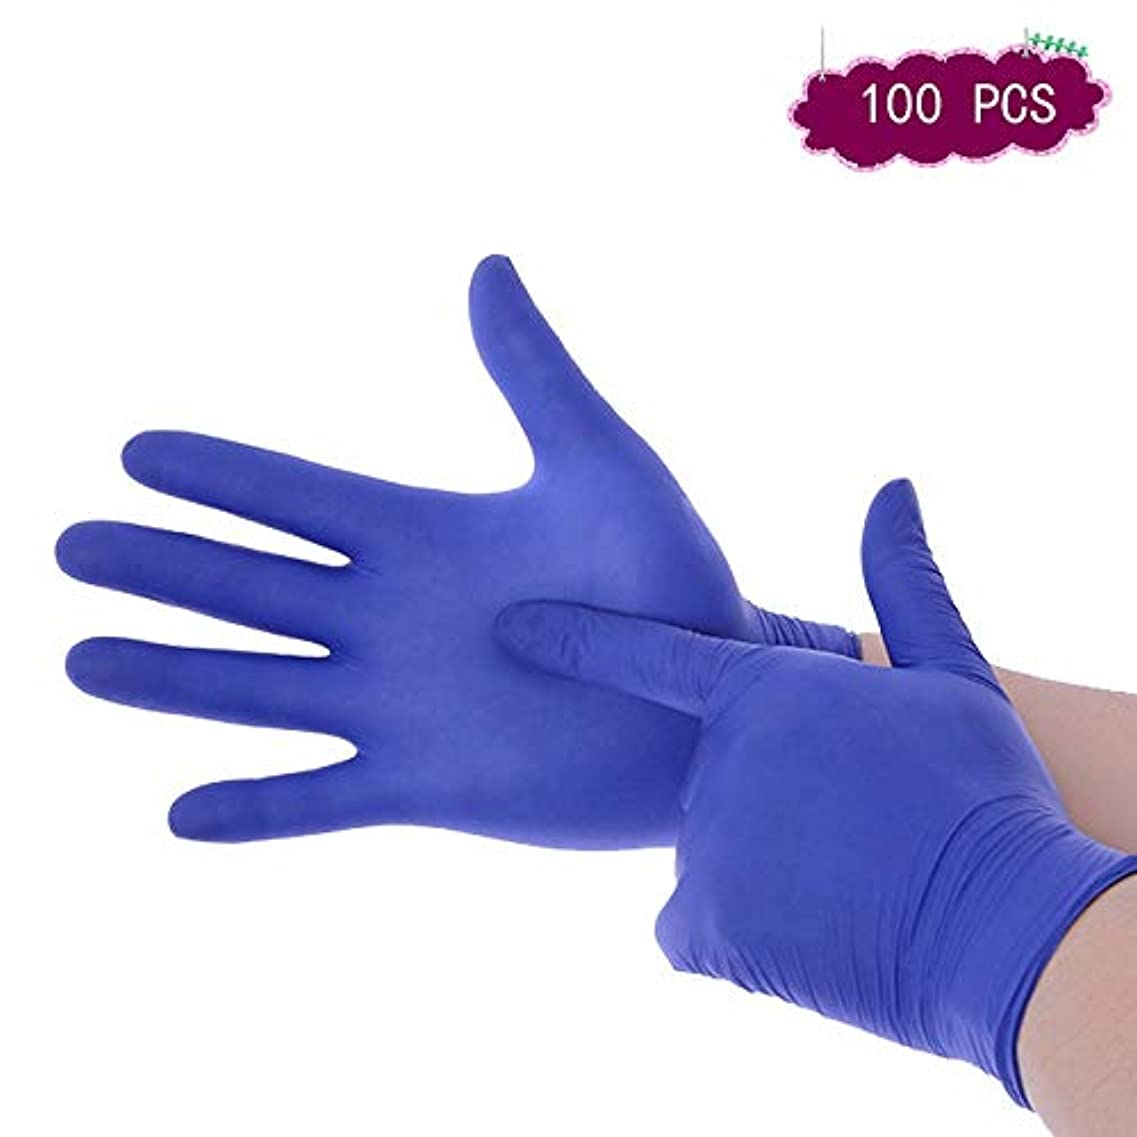 機構三十祈り使い捨てラテックス手袋は何の粉9インチメディカルグレードの肥厚産業紫色の抗油面をニトリルないアンチ油 (Color : 9 inch, Size : M)